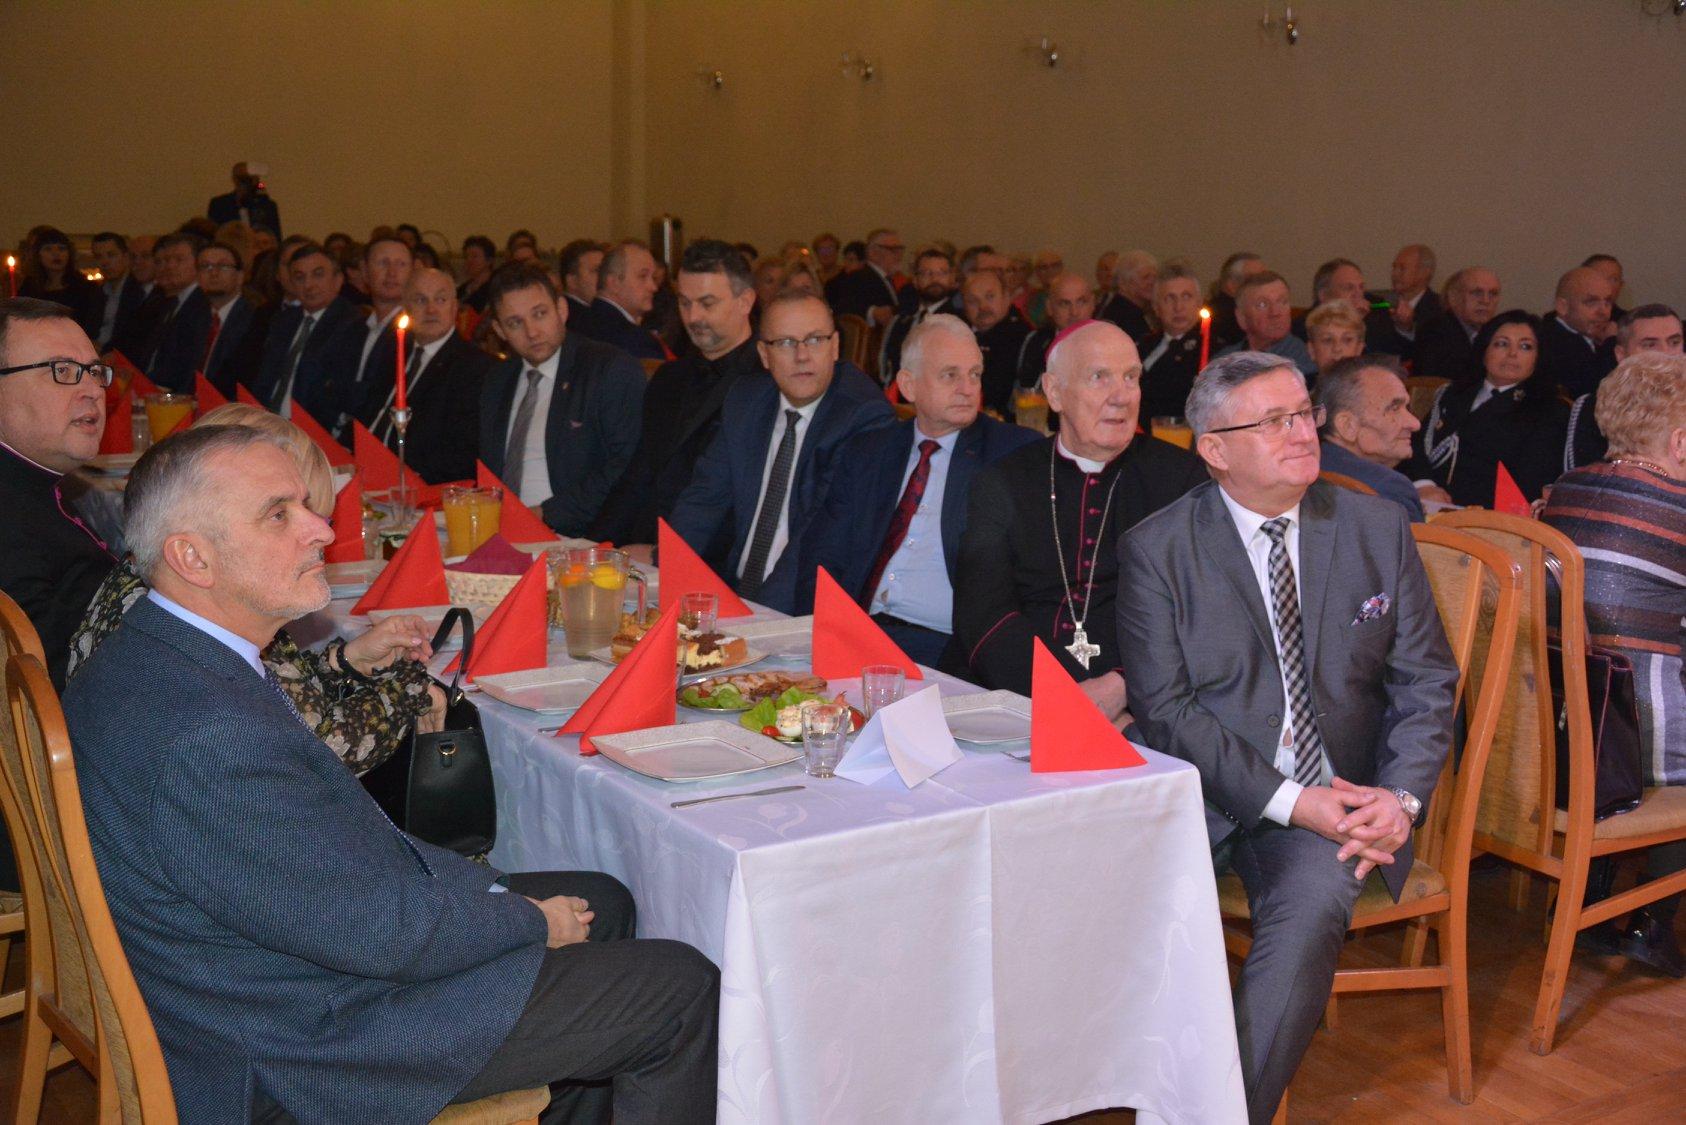 Spotkanie noworoczne burmistrza Strzegomia [FOTO]